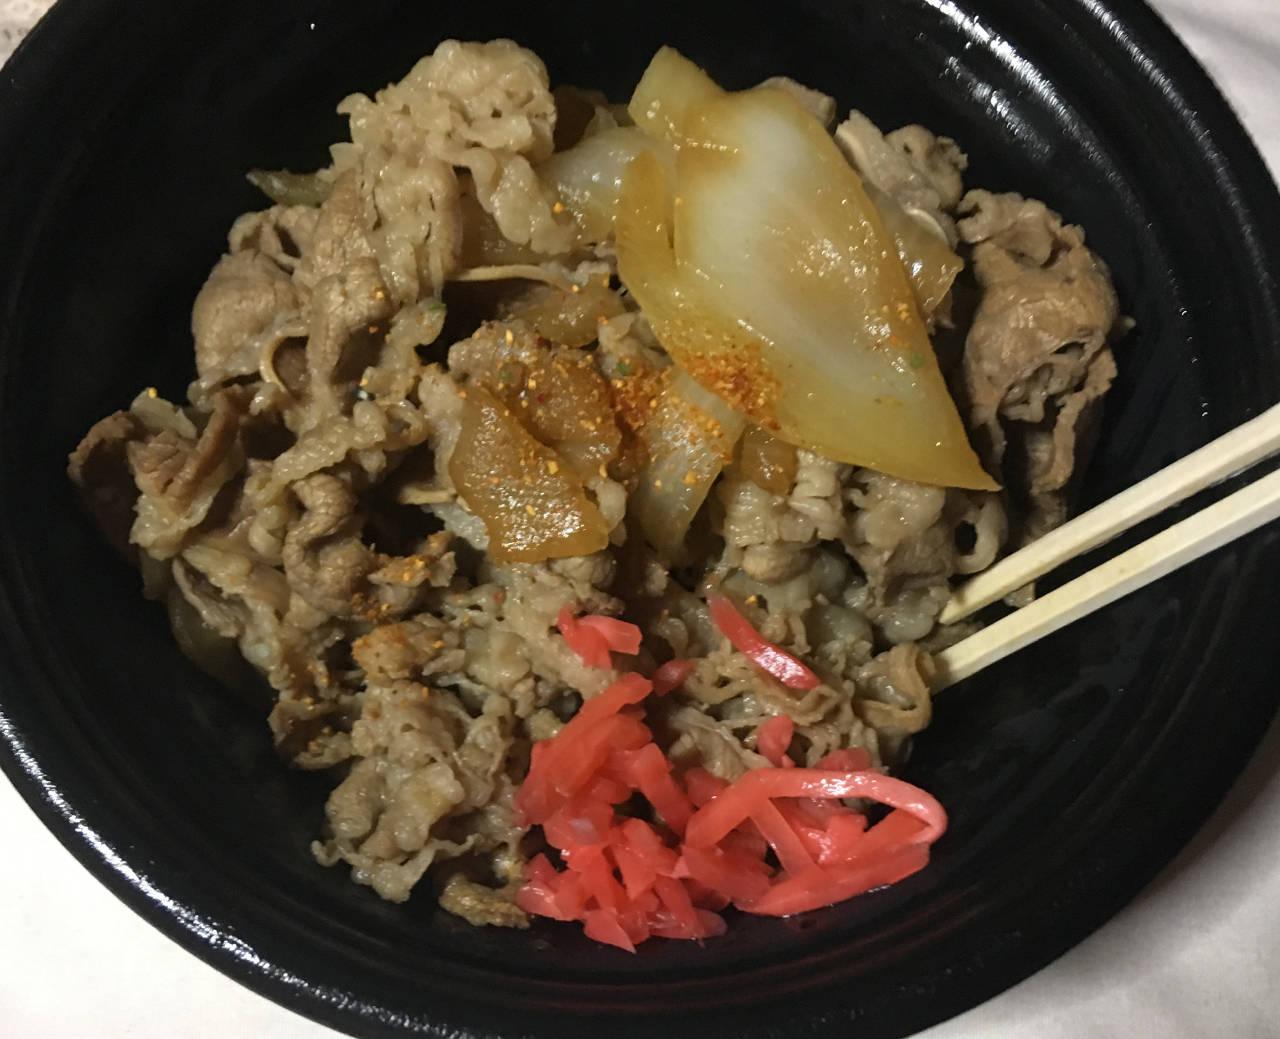 七味唐辛子と紅ショウガ添えた状態:牛皿ファミリーパック(4人前) 4回目